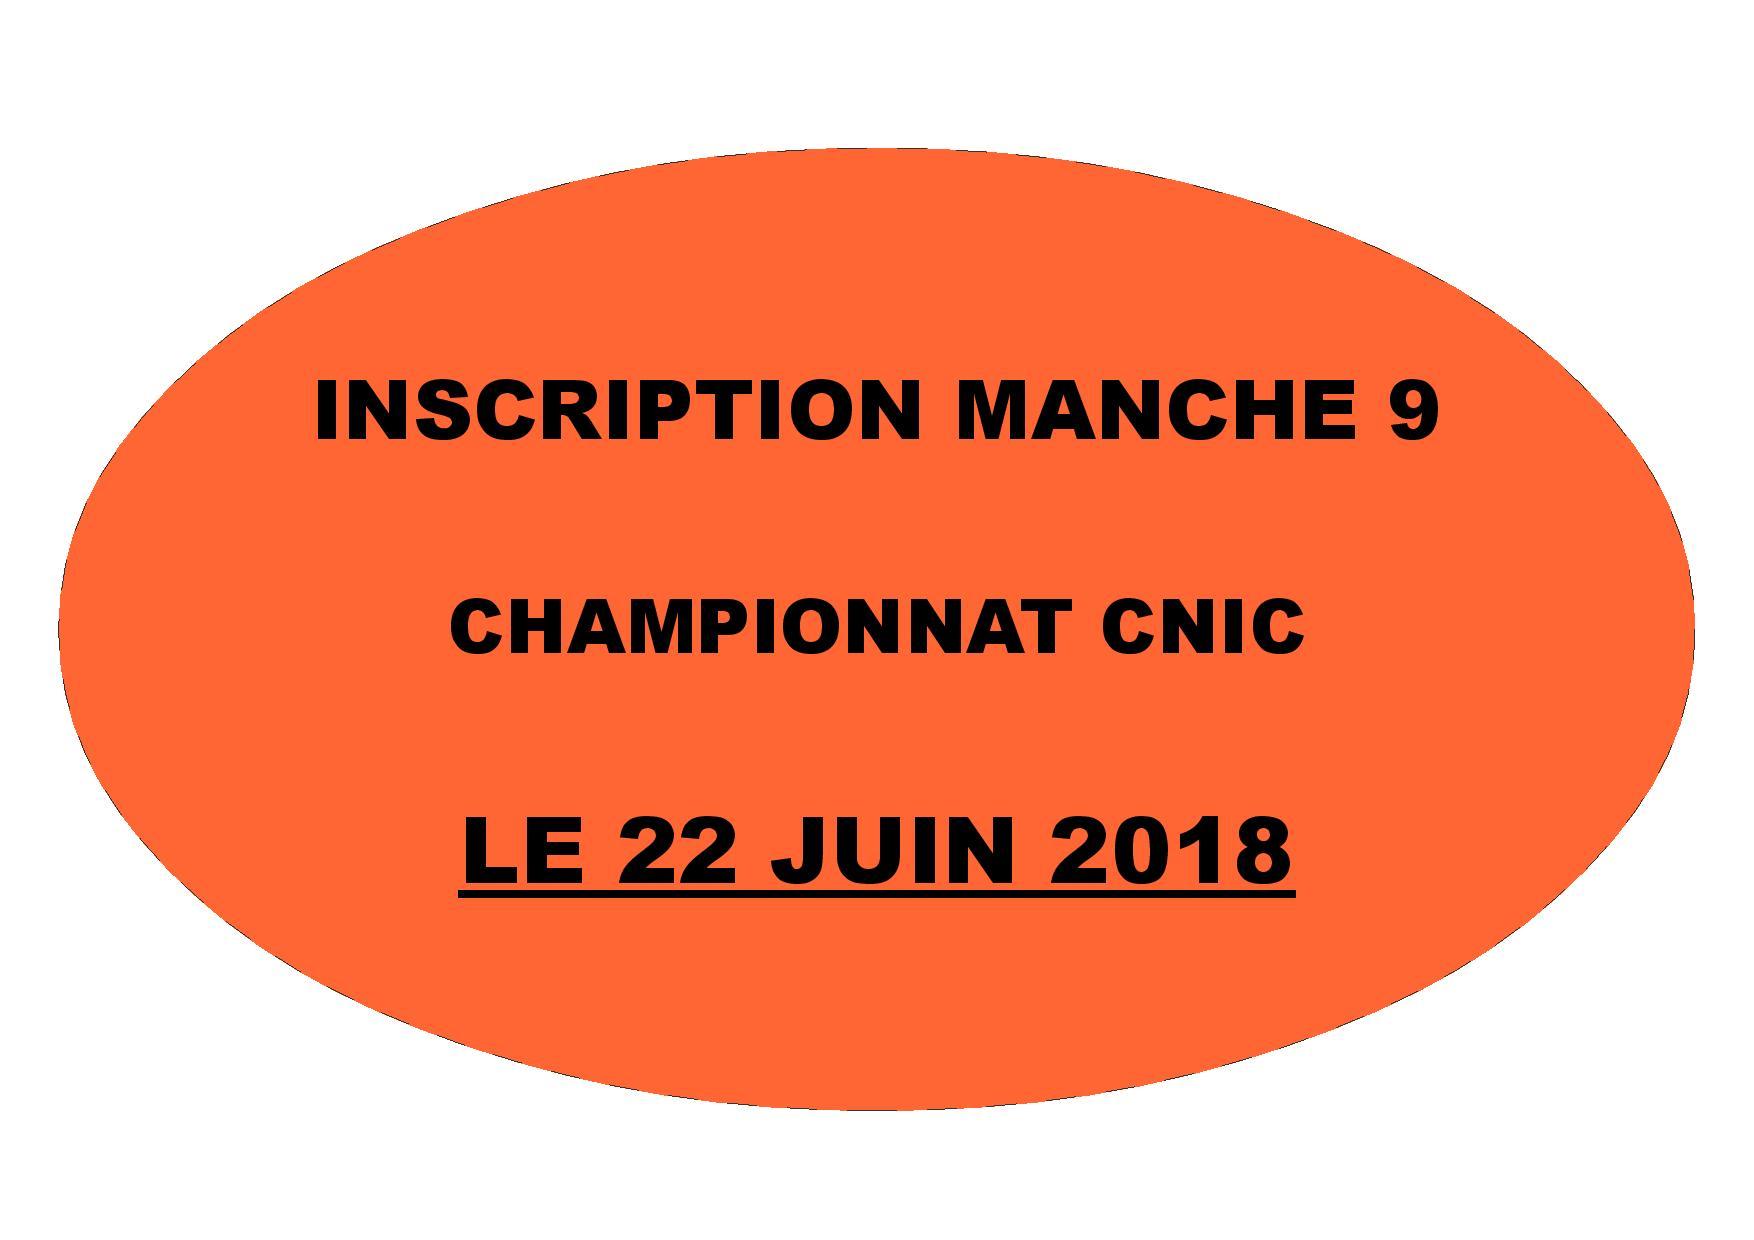 INSCRIPTION MANCHE 09